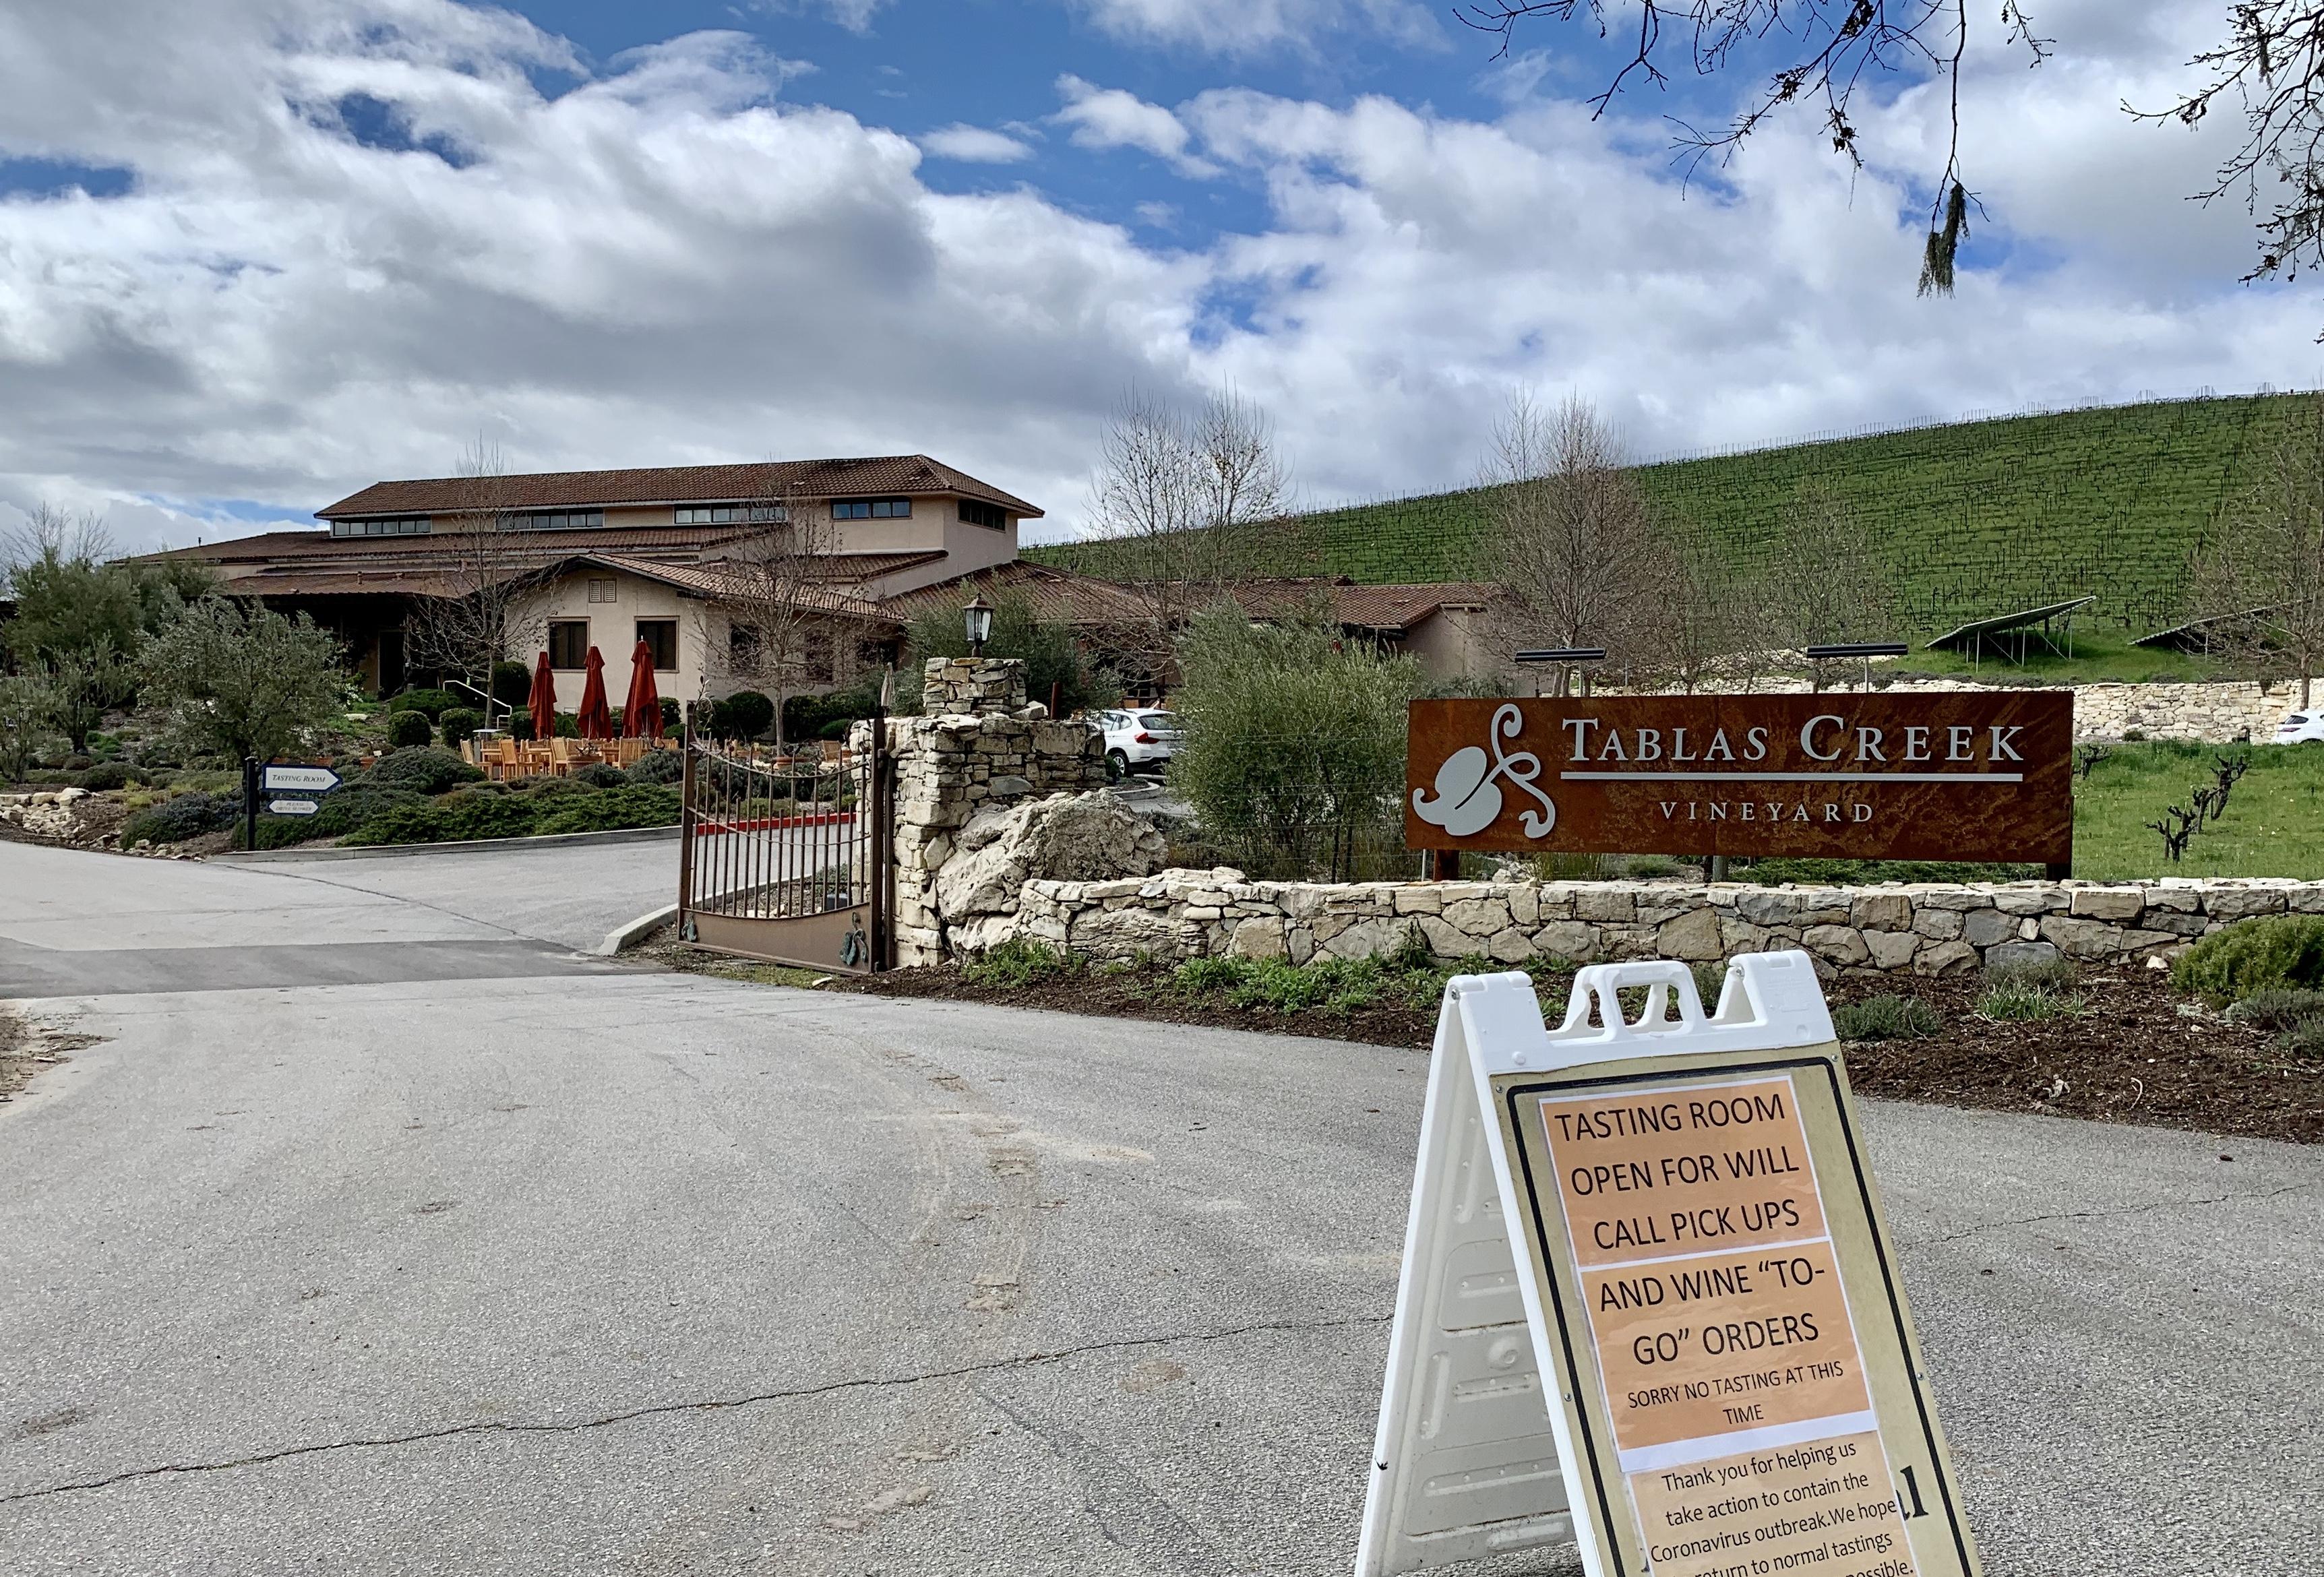 Tablas Creek Closed Tasting Room From Adelaida Road